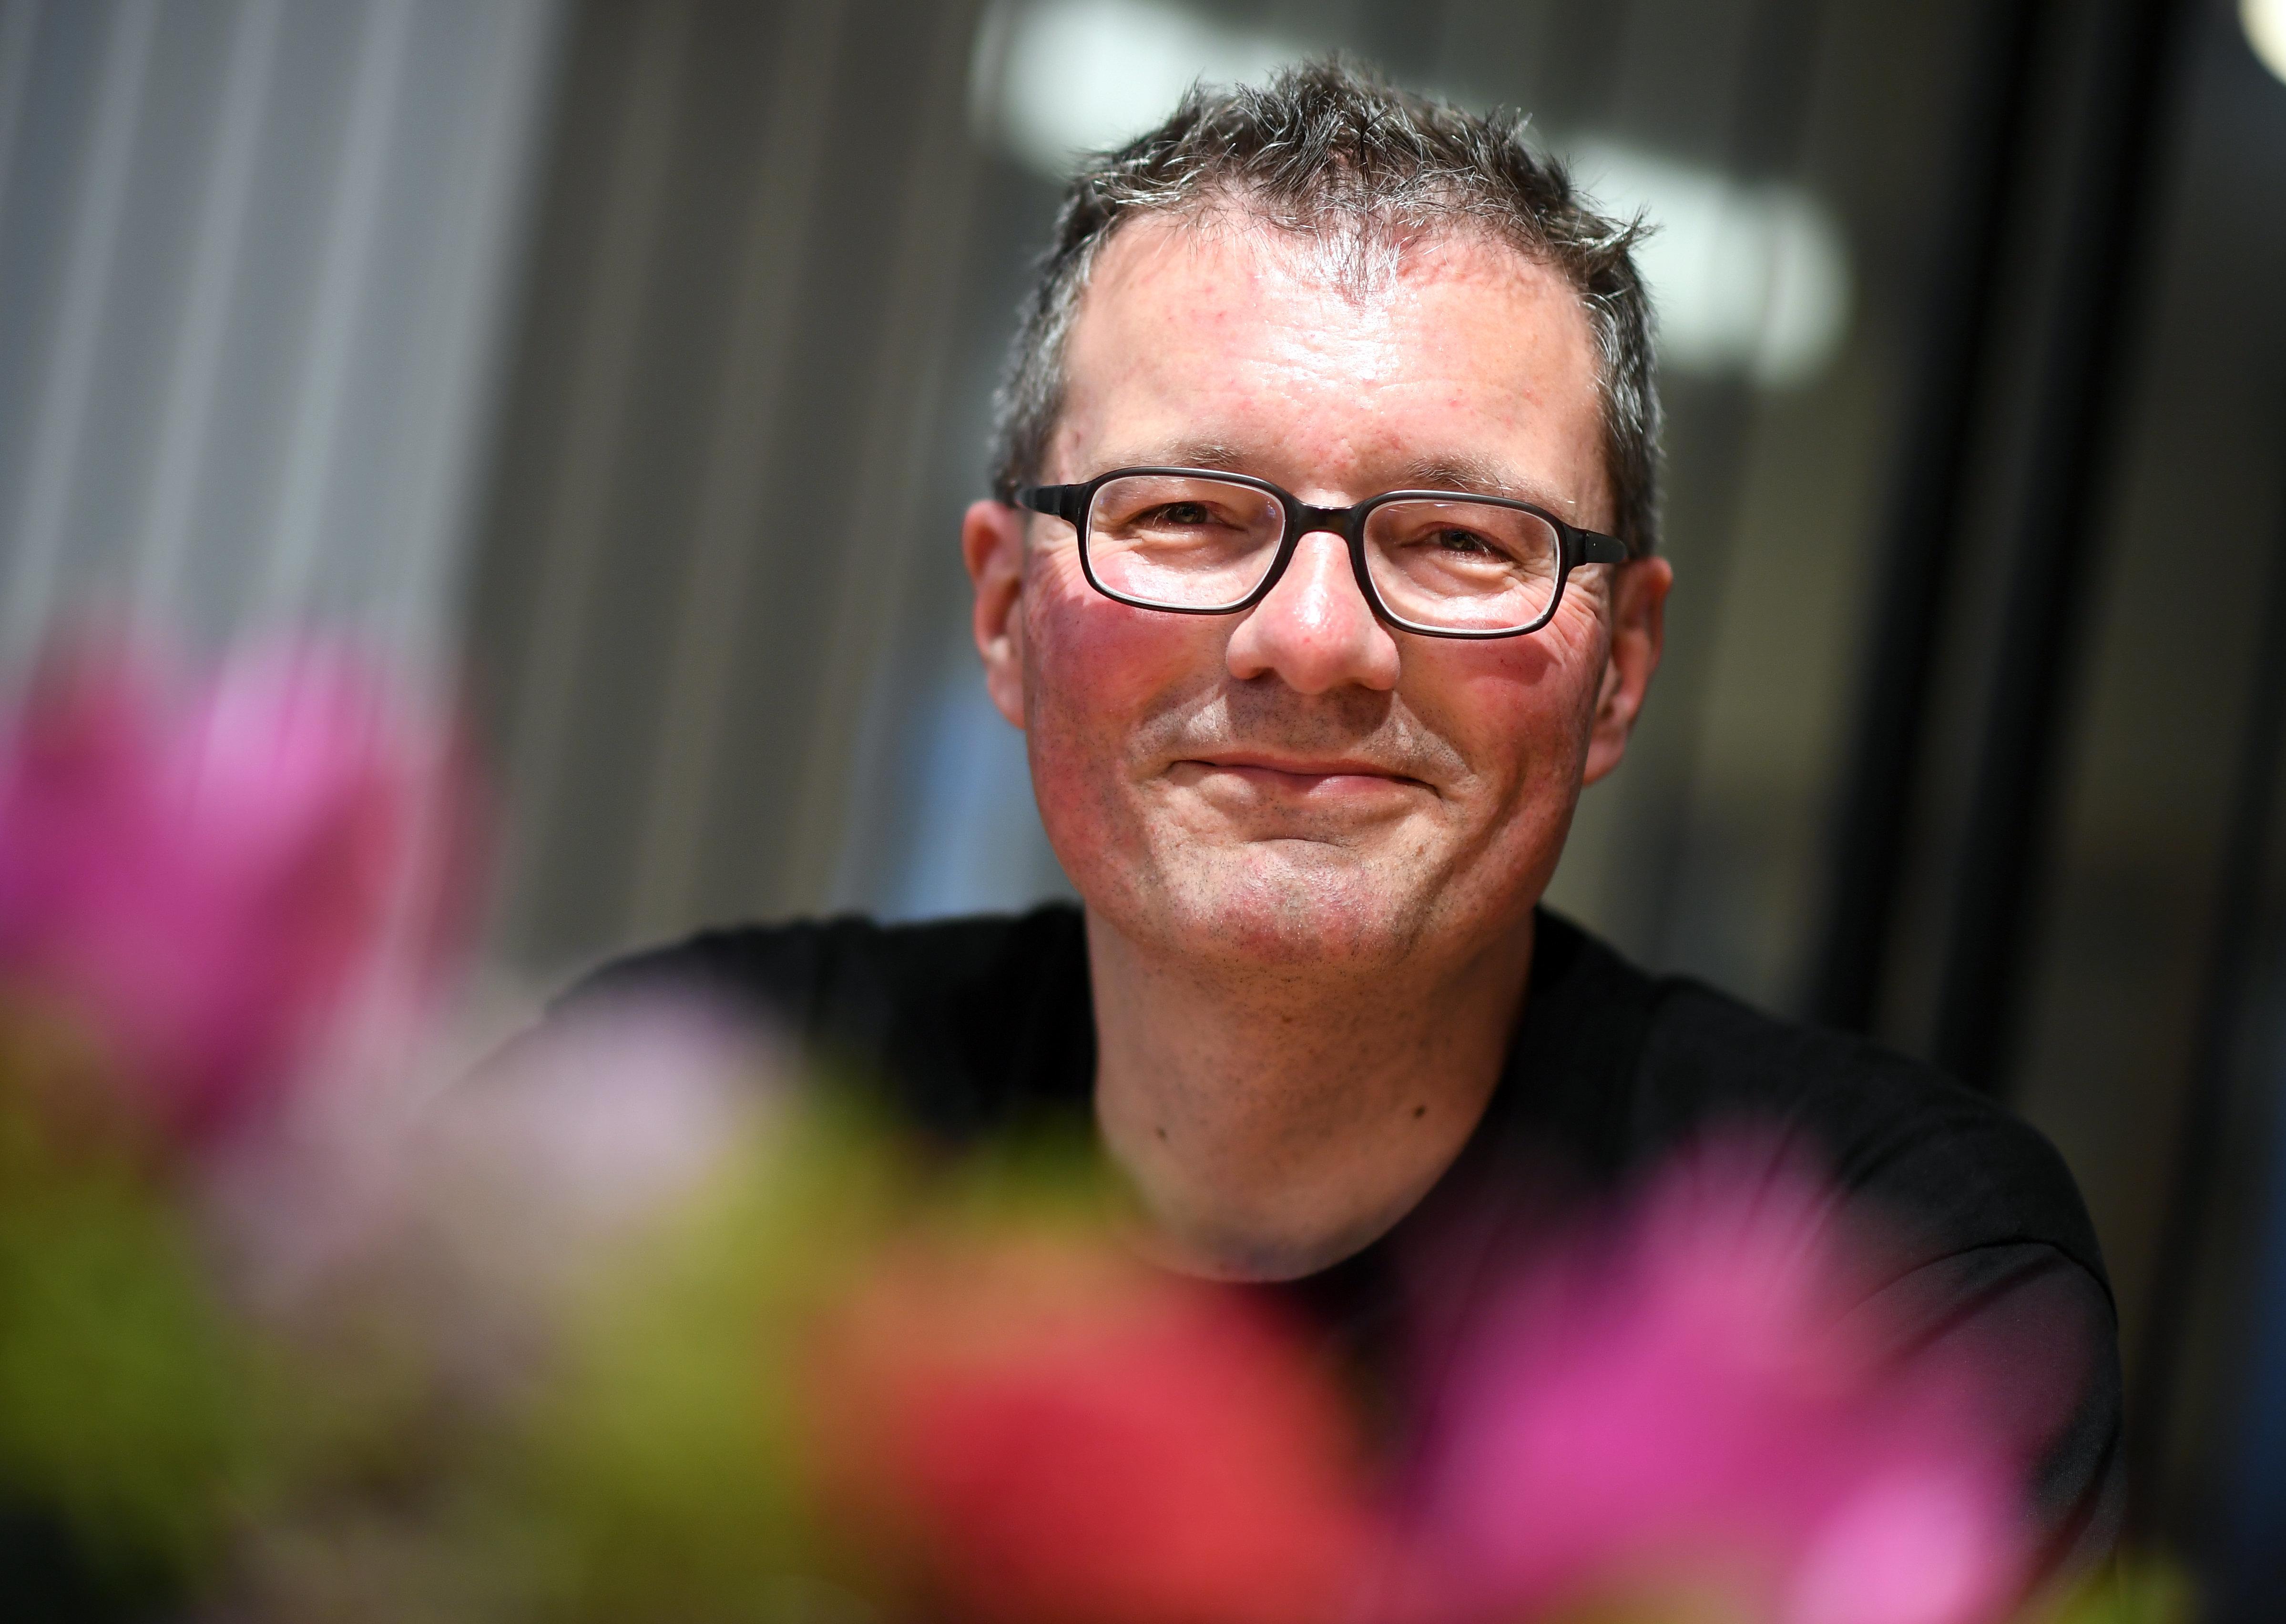 Mit Mitte 40 in Rente: So hat es ein 47-jähriger Berliner geschafft